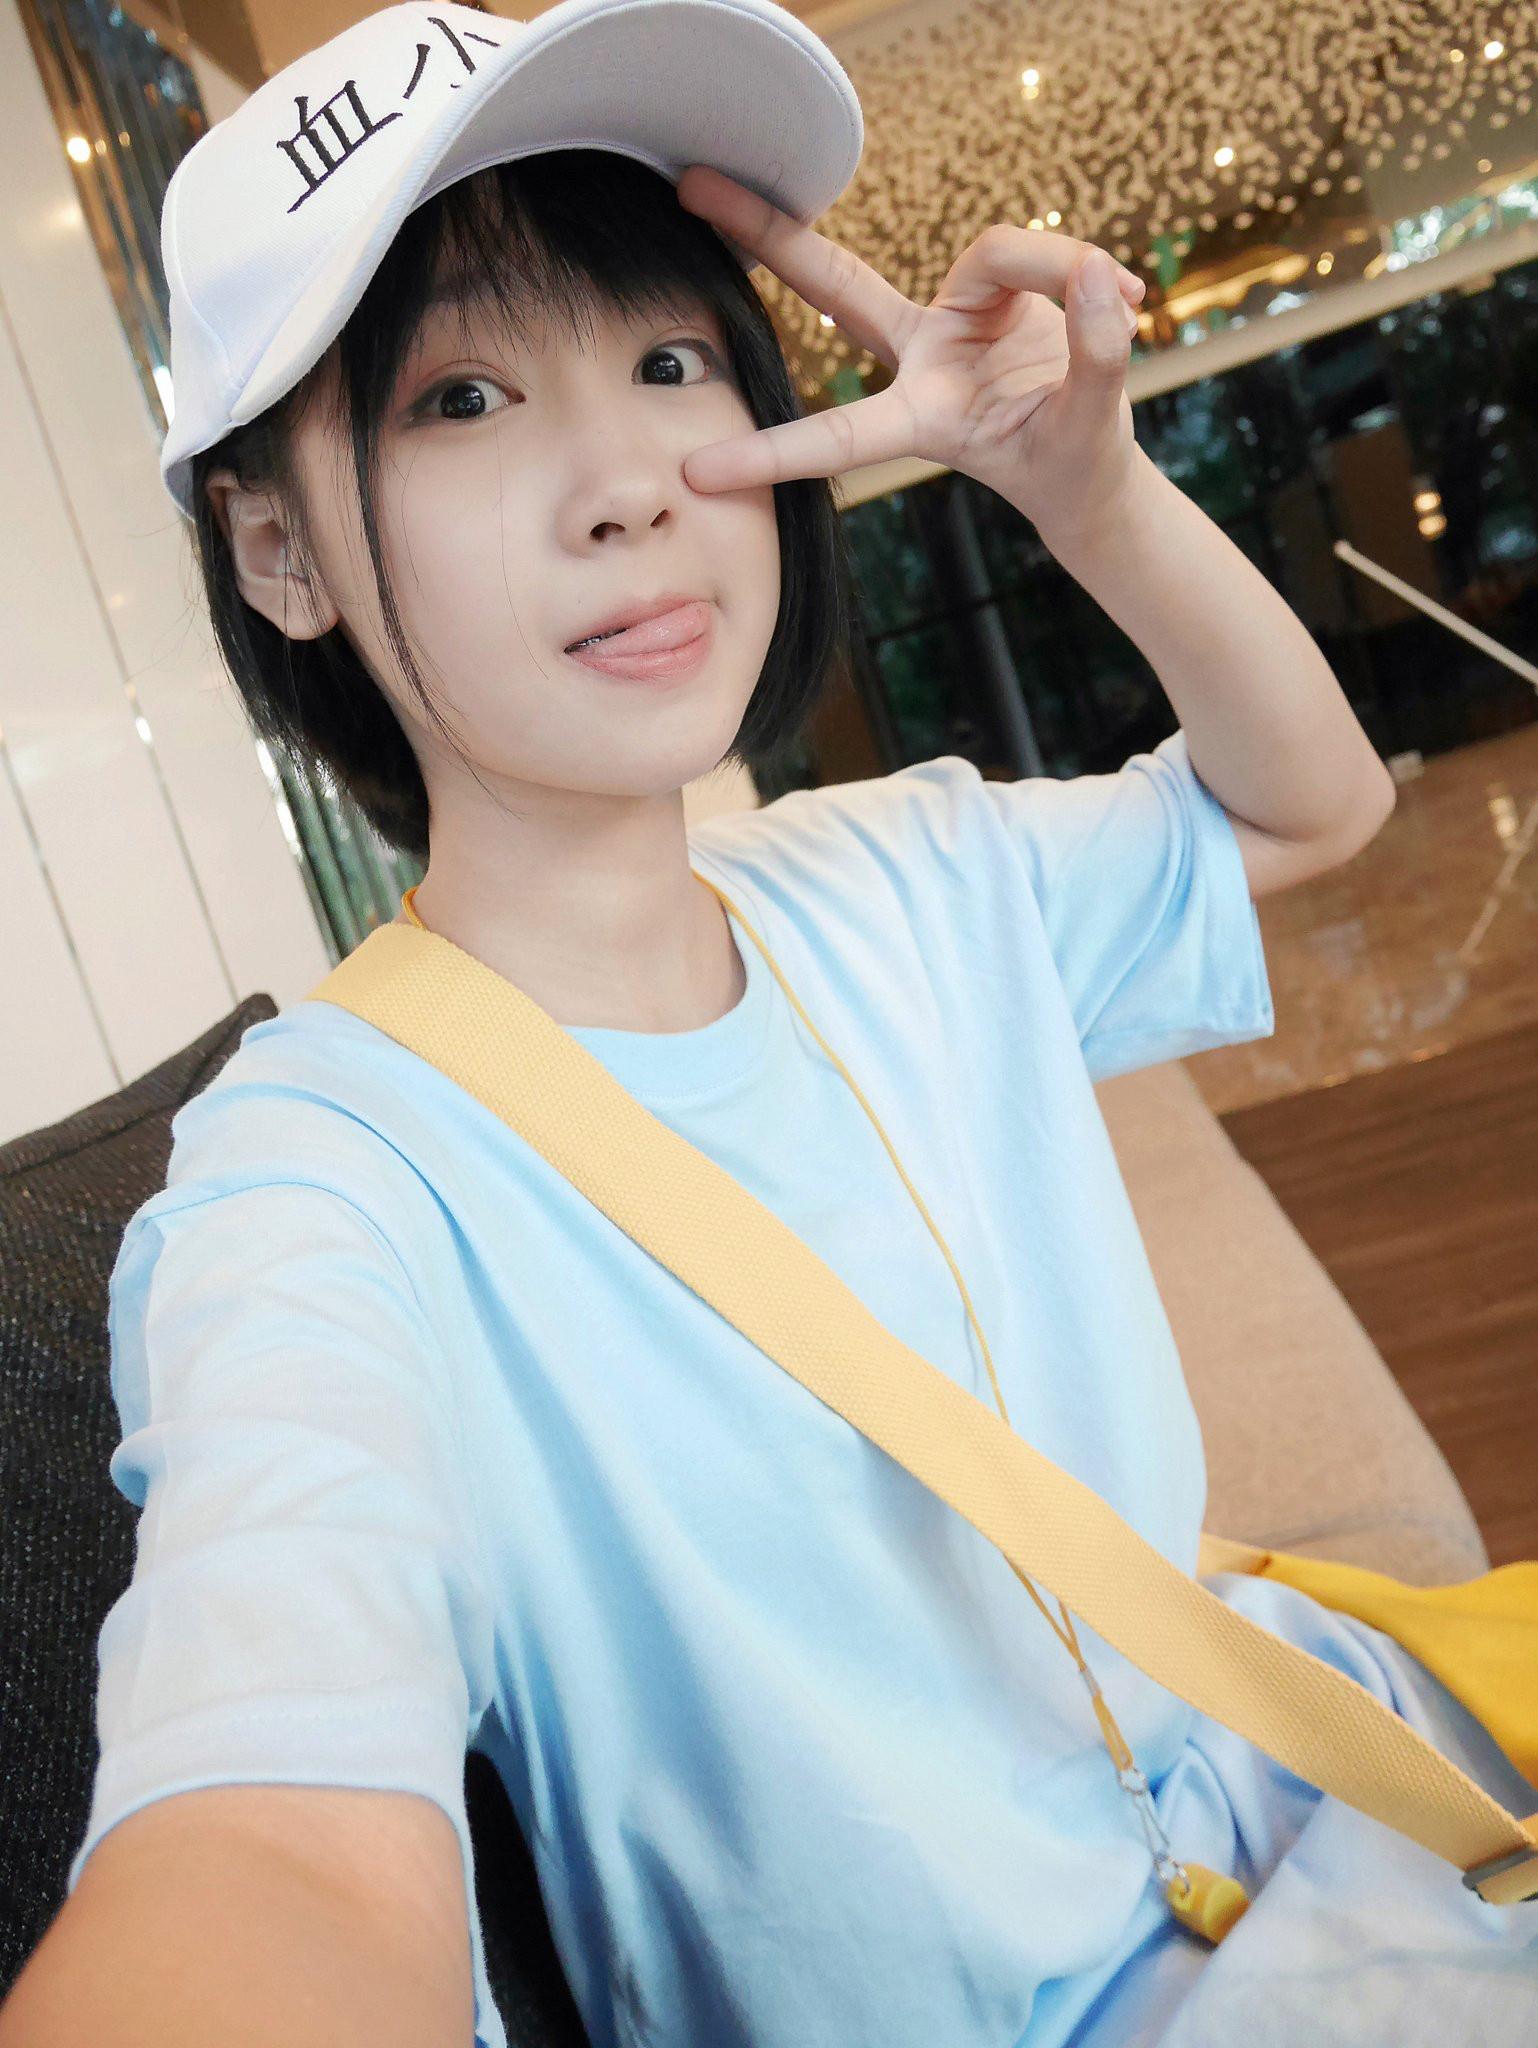 タイで人気のNHネットアイドル、巨根とか信じられる???(画像あり)・8枚目